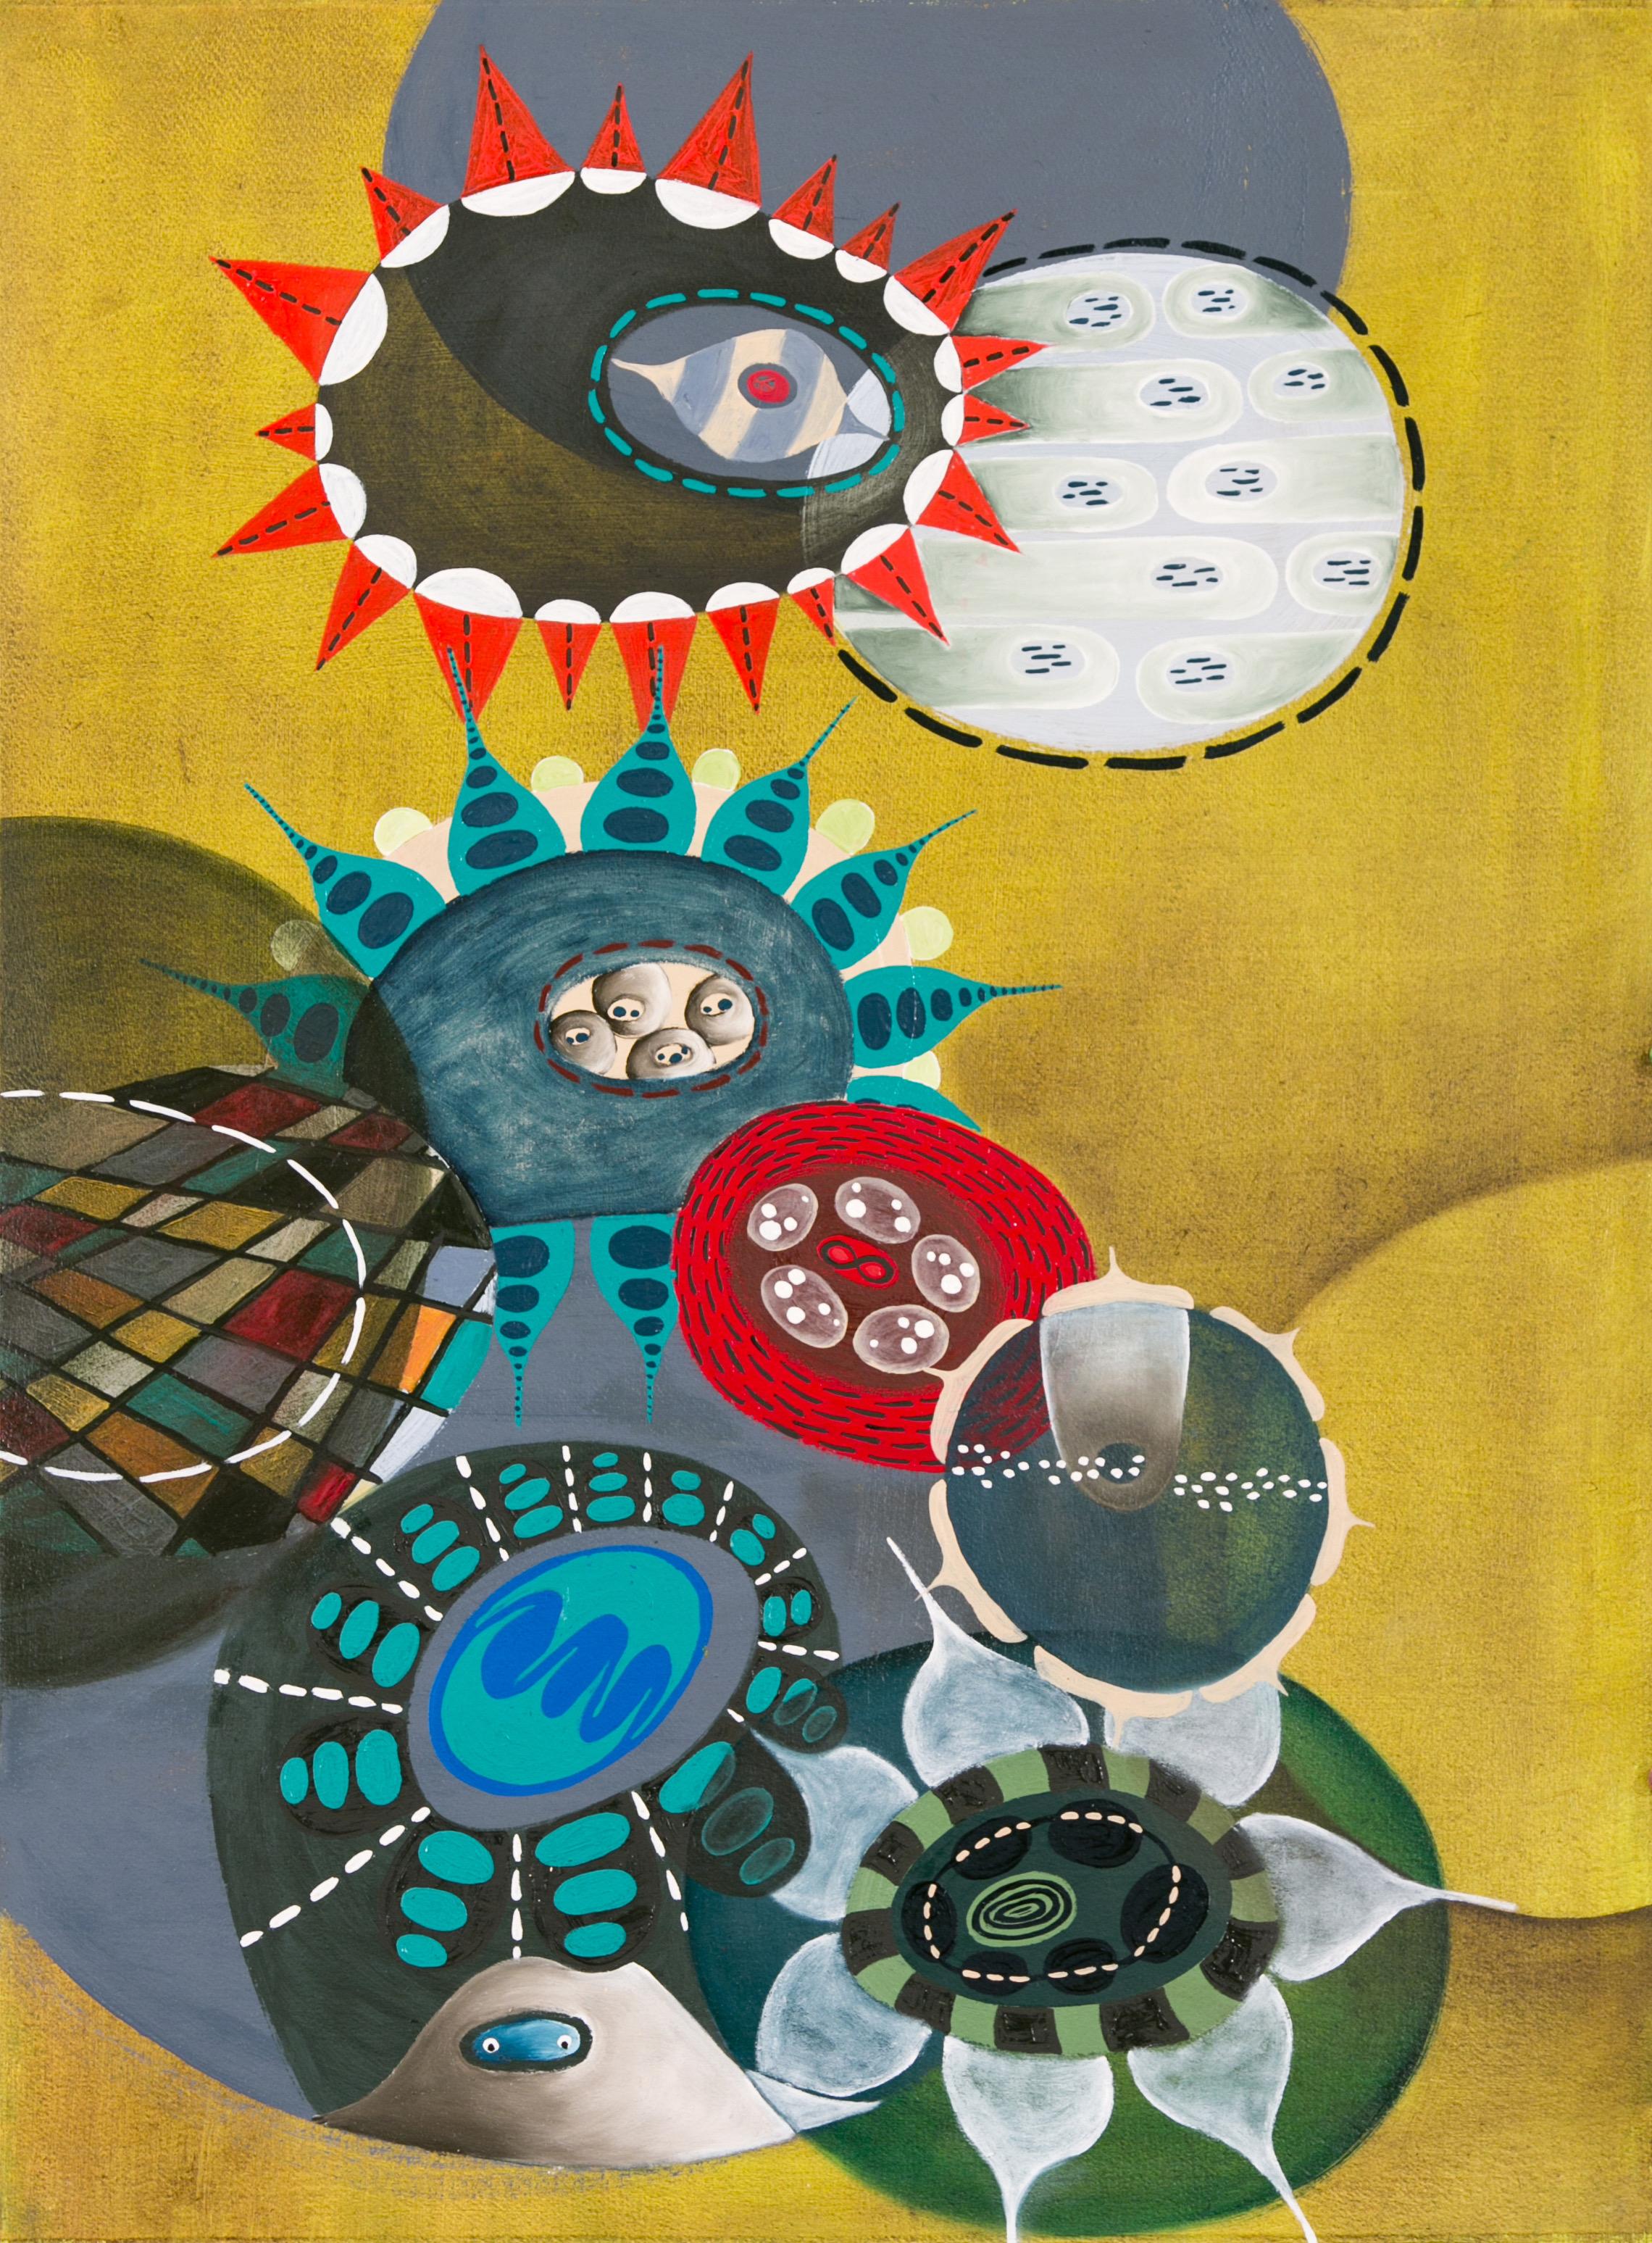 Big Seagarden #2, 2017, oil on paper, 30 x 22 in, $5,000